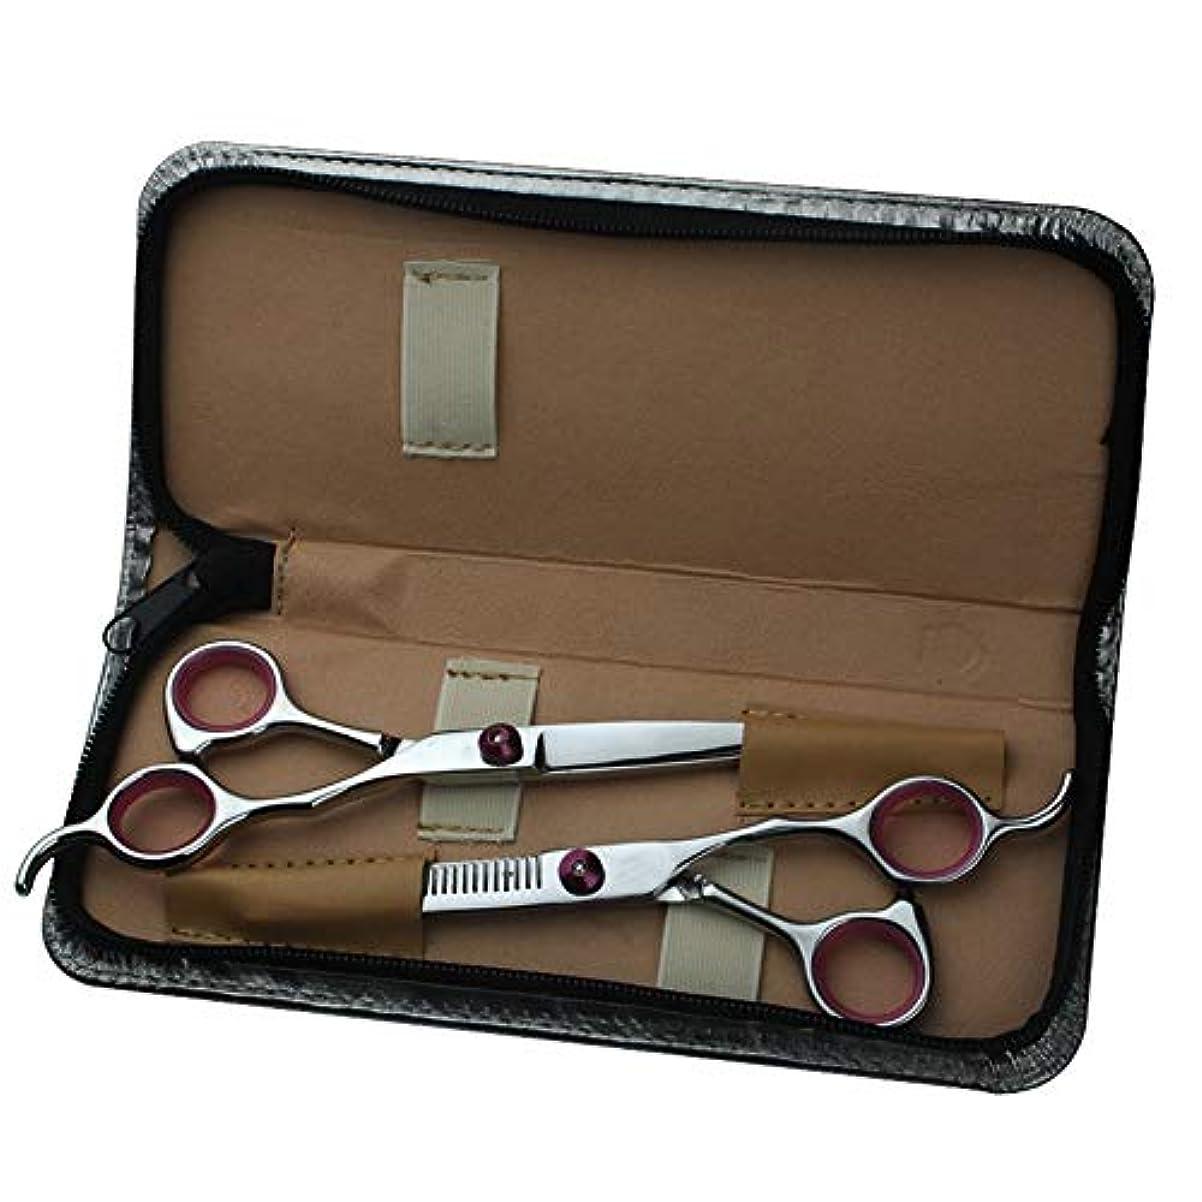 分解するペチコートすべき6インチ家族DIY理髪はさみセット、プロのヘアカット美容ツールセット モデリングツール (色 : レッド)